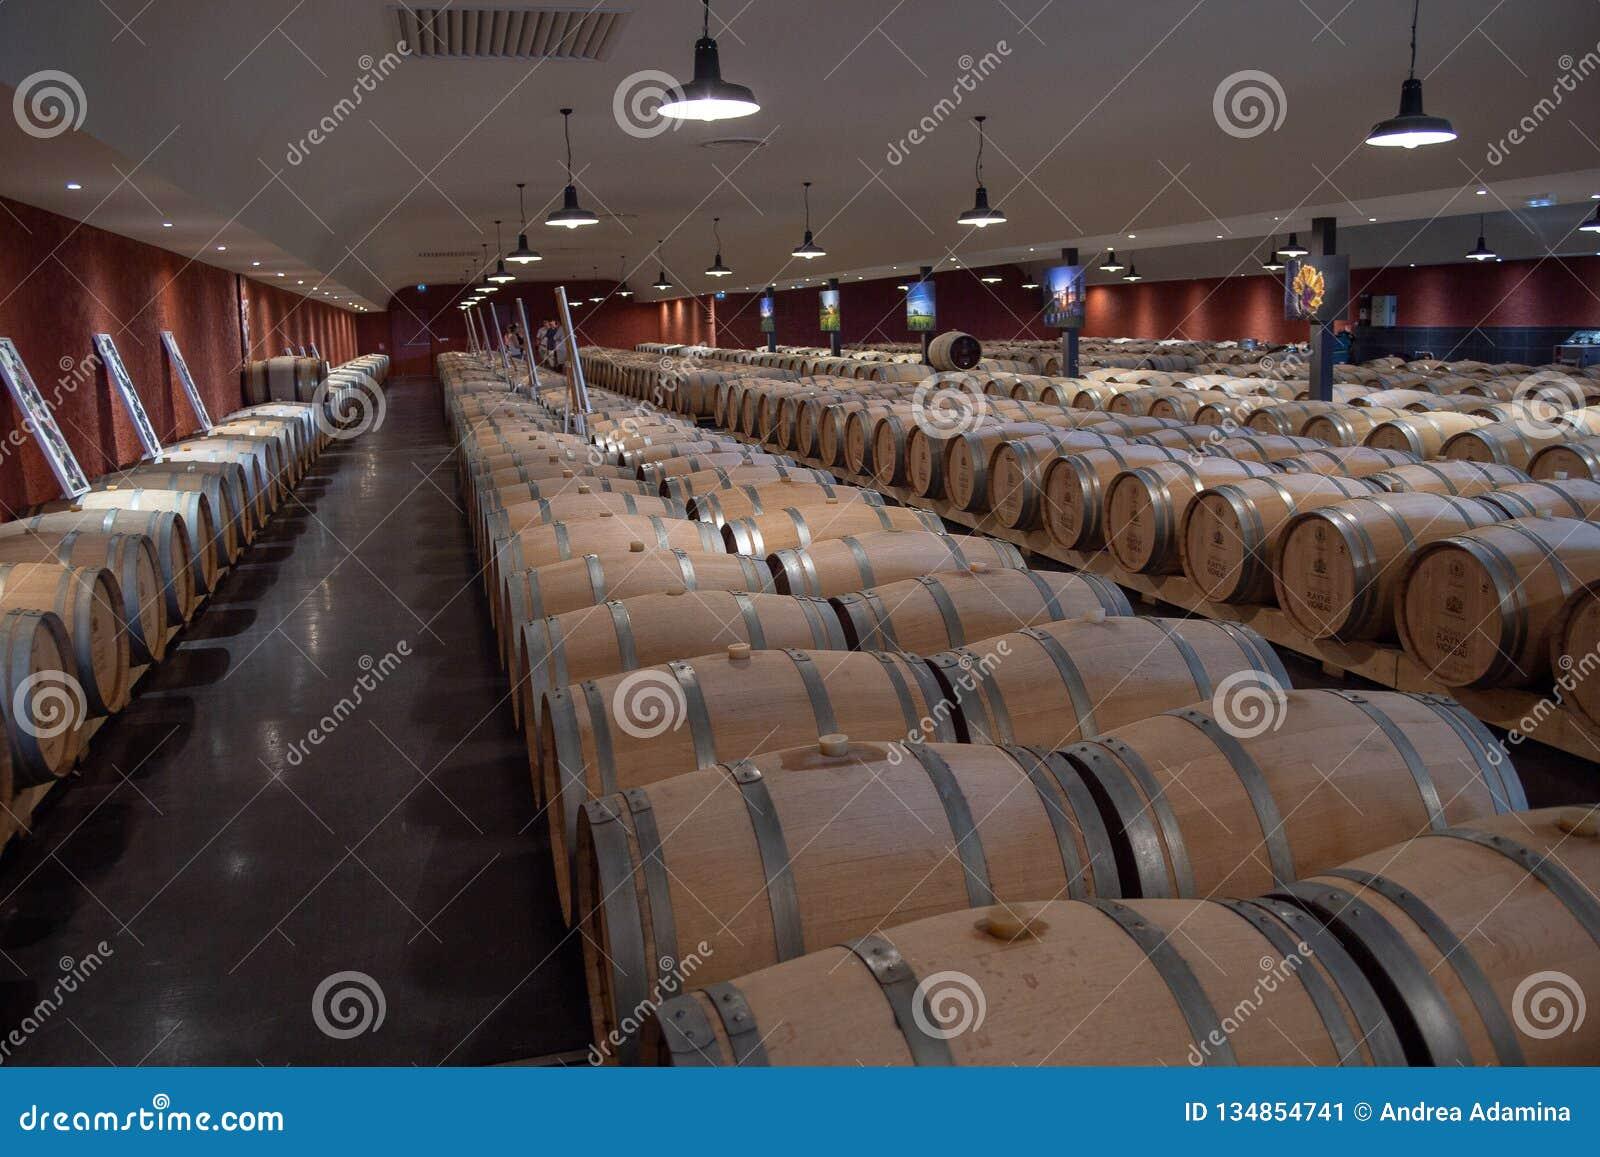 Bordeaux, France - 6 juin 2017 : Vins fermentant dans de grands barils traditionnels de chêne dans la cave